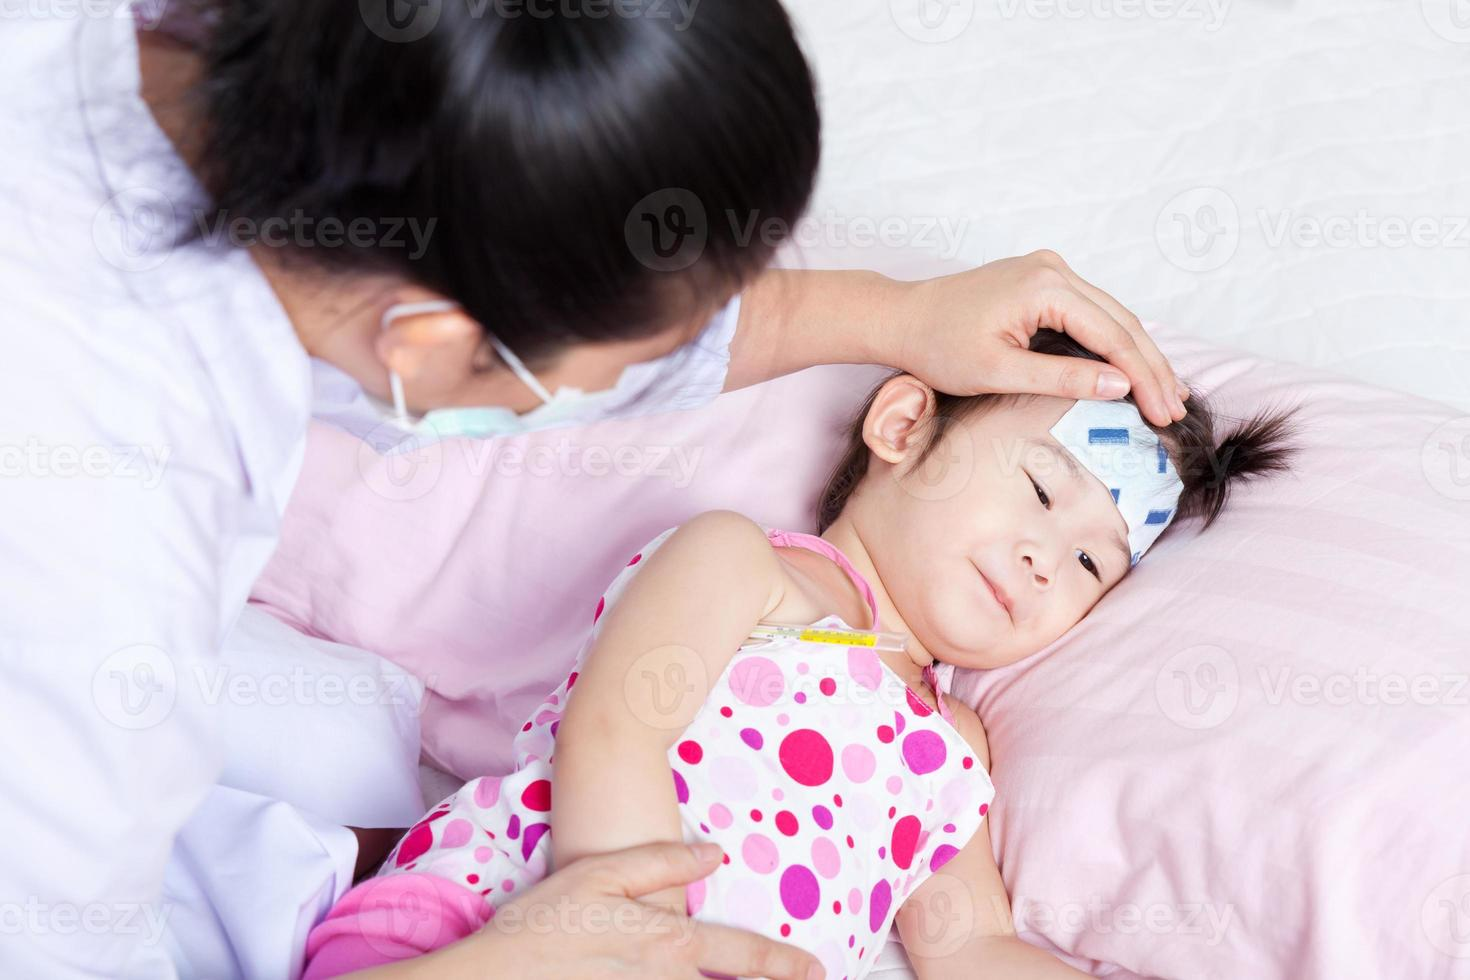 sjuk liten flicka som vårdas av en barnläkare foto